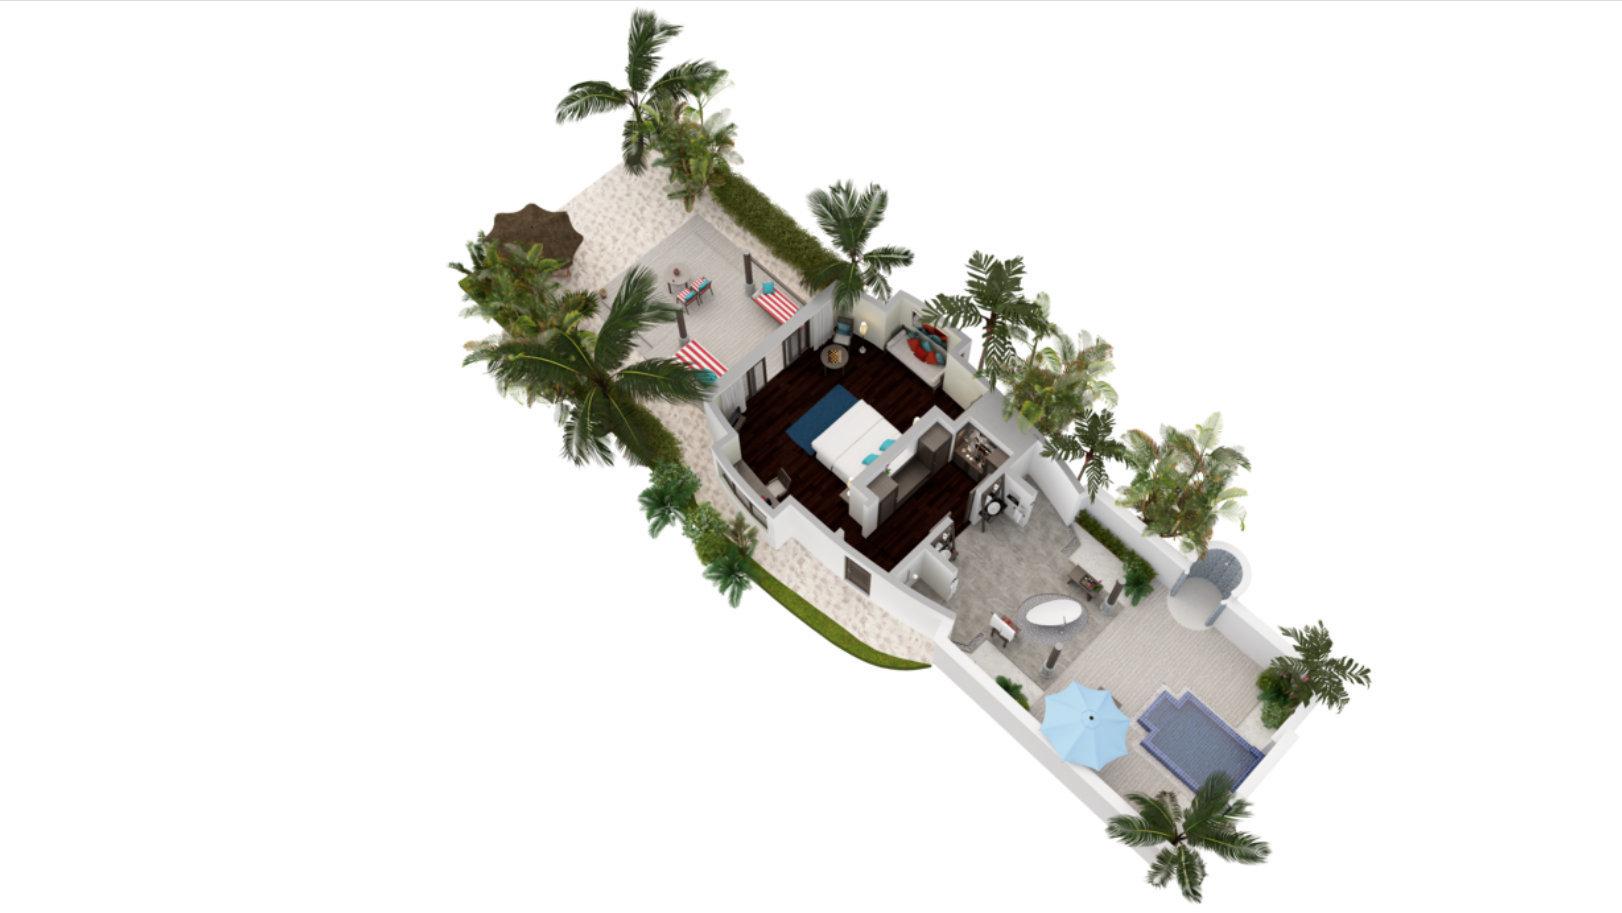 Мальдивы, отель Anantara Dhigu Maldives Resort, план-схема номера Sunset Pool Villa